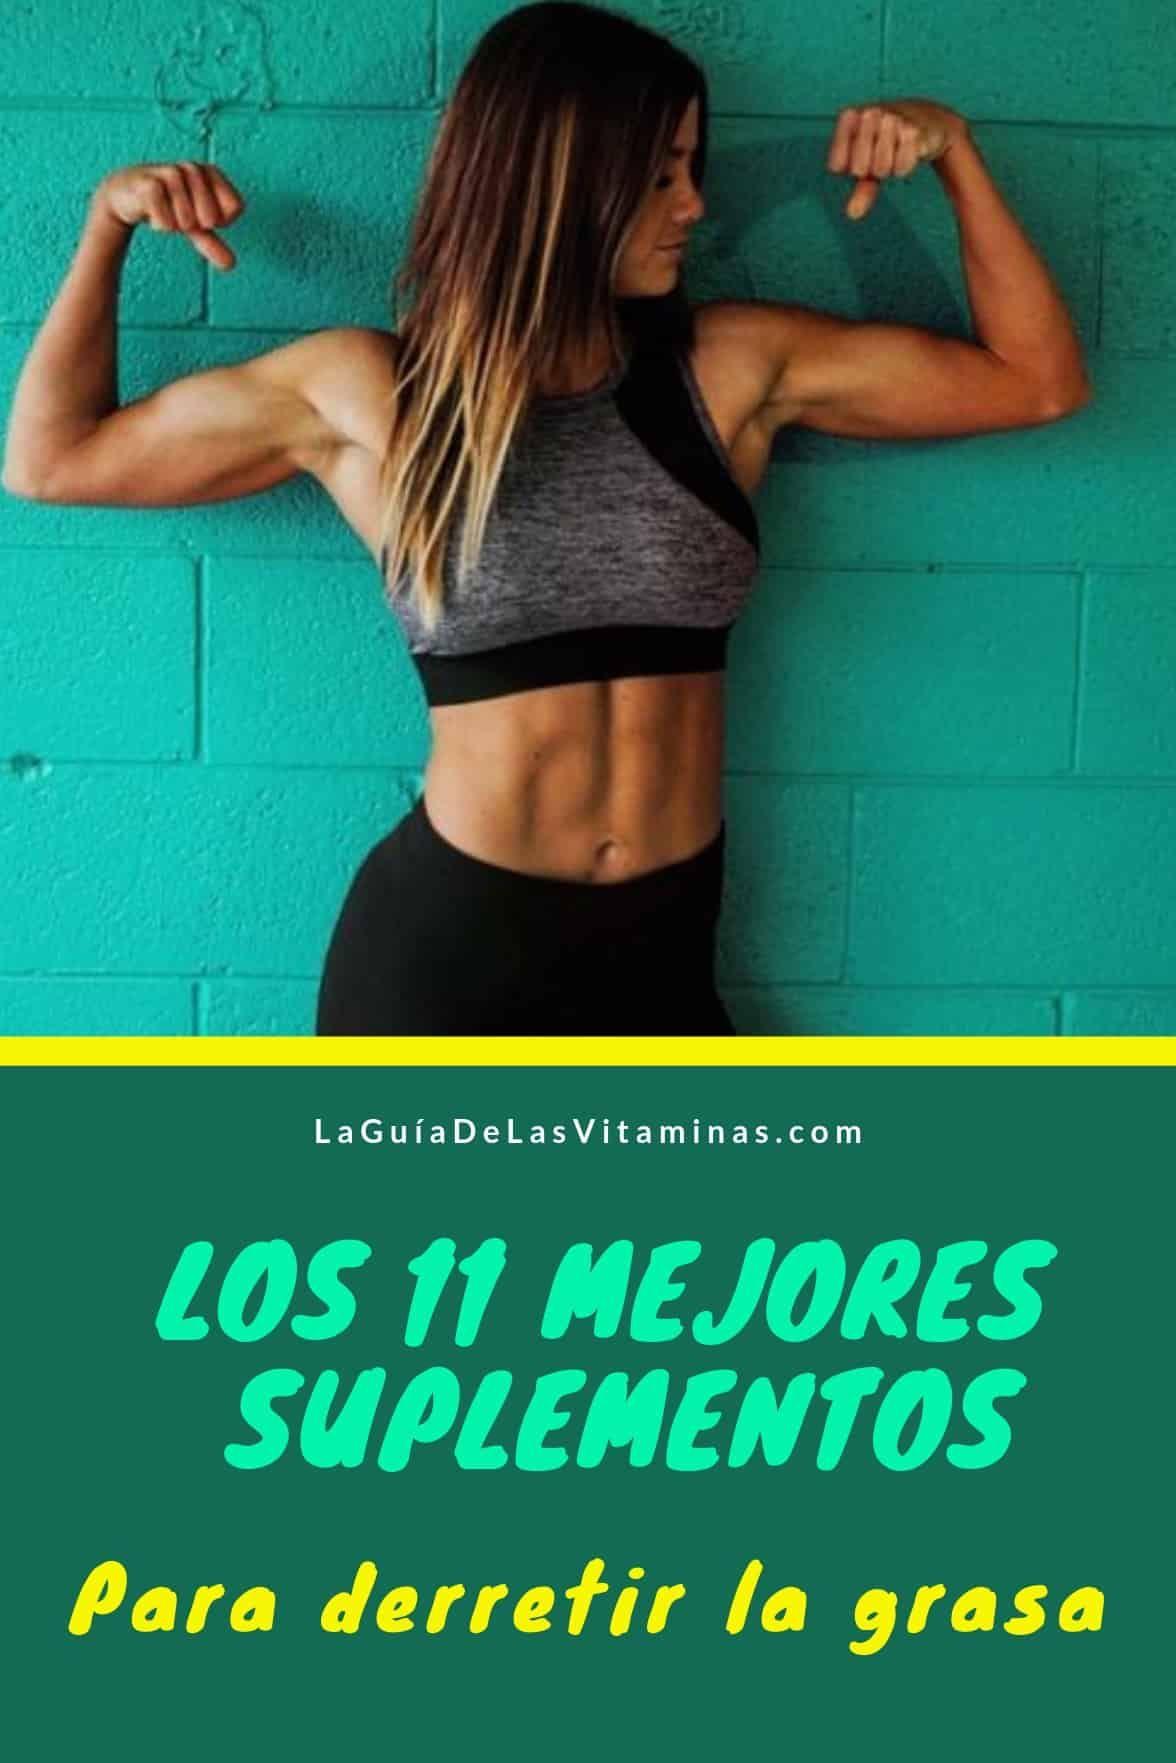 Suplementos para la perdida de peso y grasa